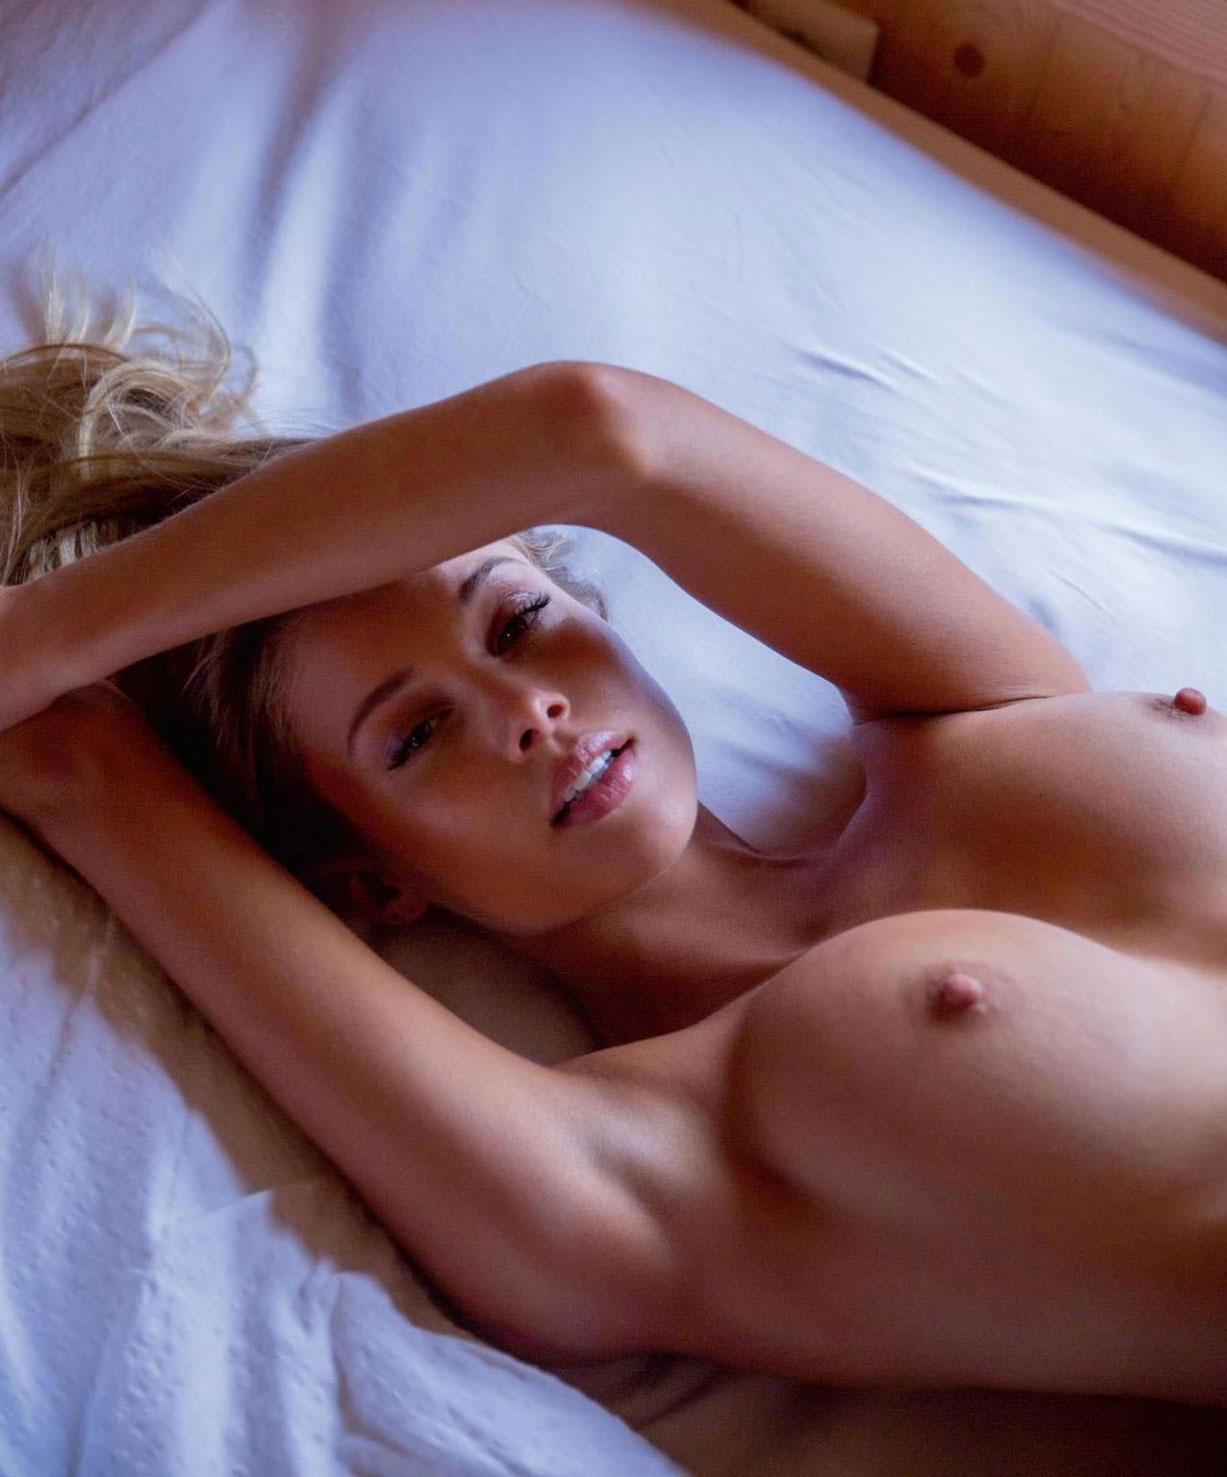 подборка фотографий сексуальных голых девушек - Allie Leggett